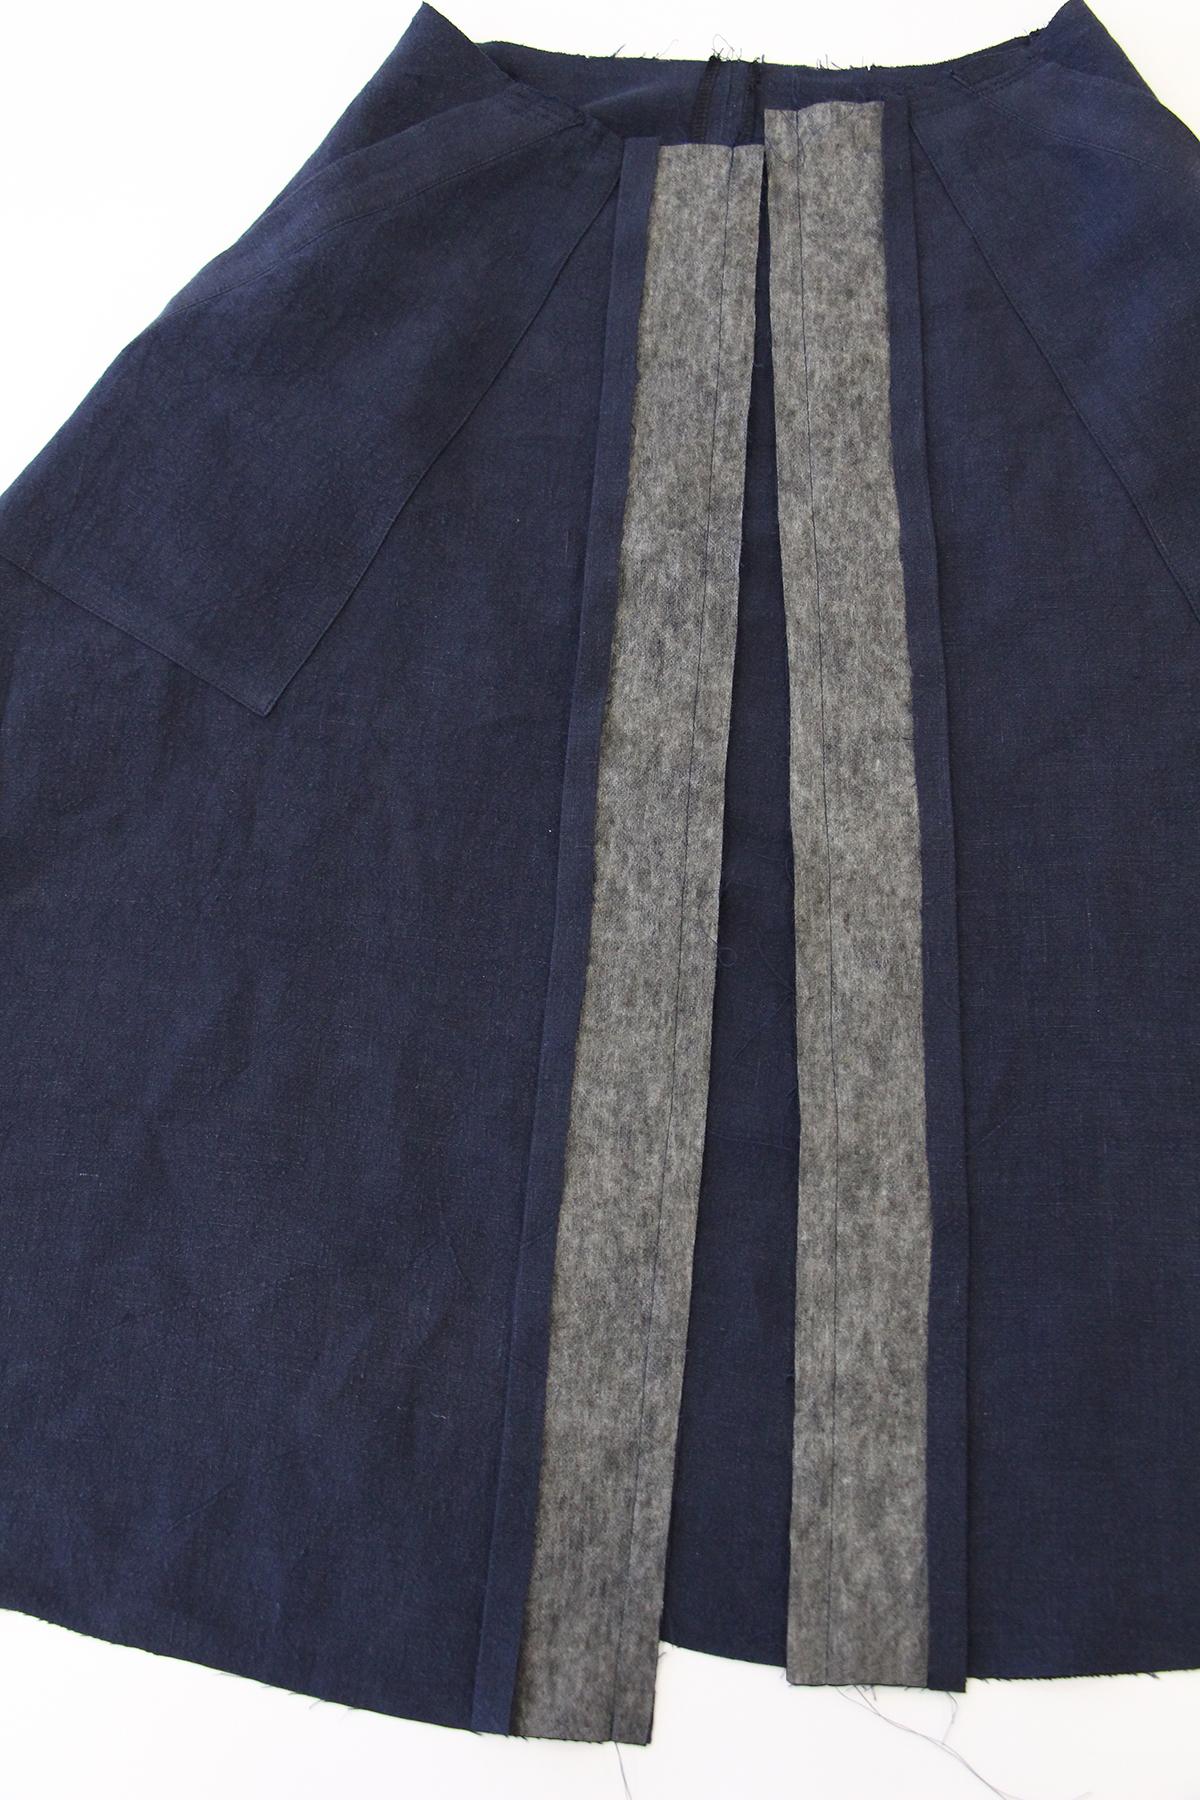 Megan Nielsen Patterns   Matilda Sewalong: Matching Set Hack   Pressing & Stitching Your Skirt Placket